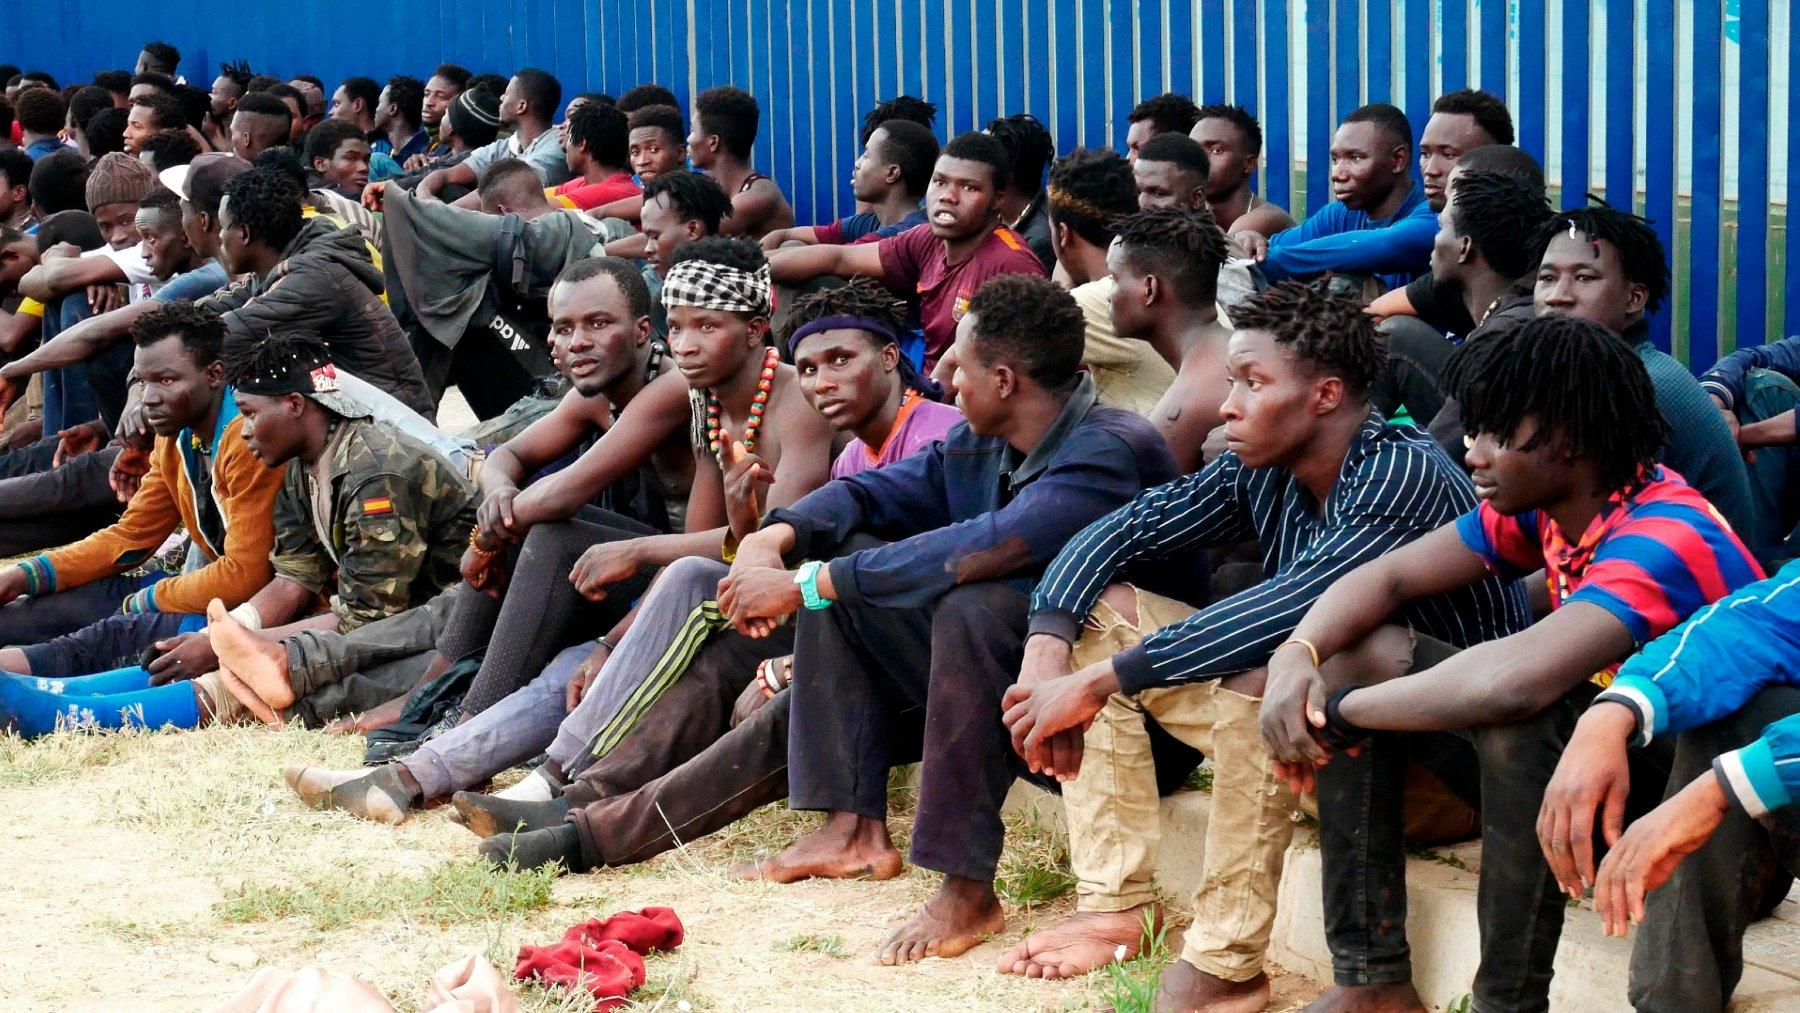 Un grupo de inmigrantes subsaharianos tras haber saltado la valla de Melilla. (Foto: Efe)